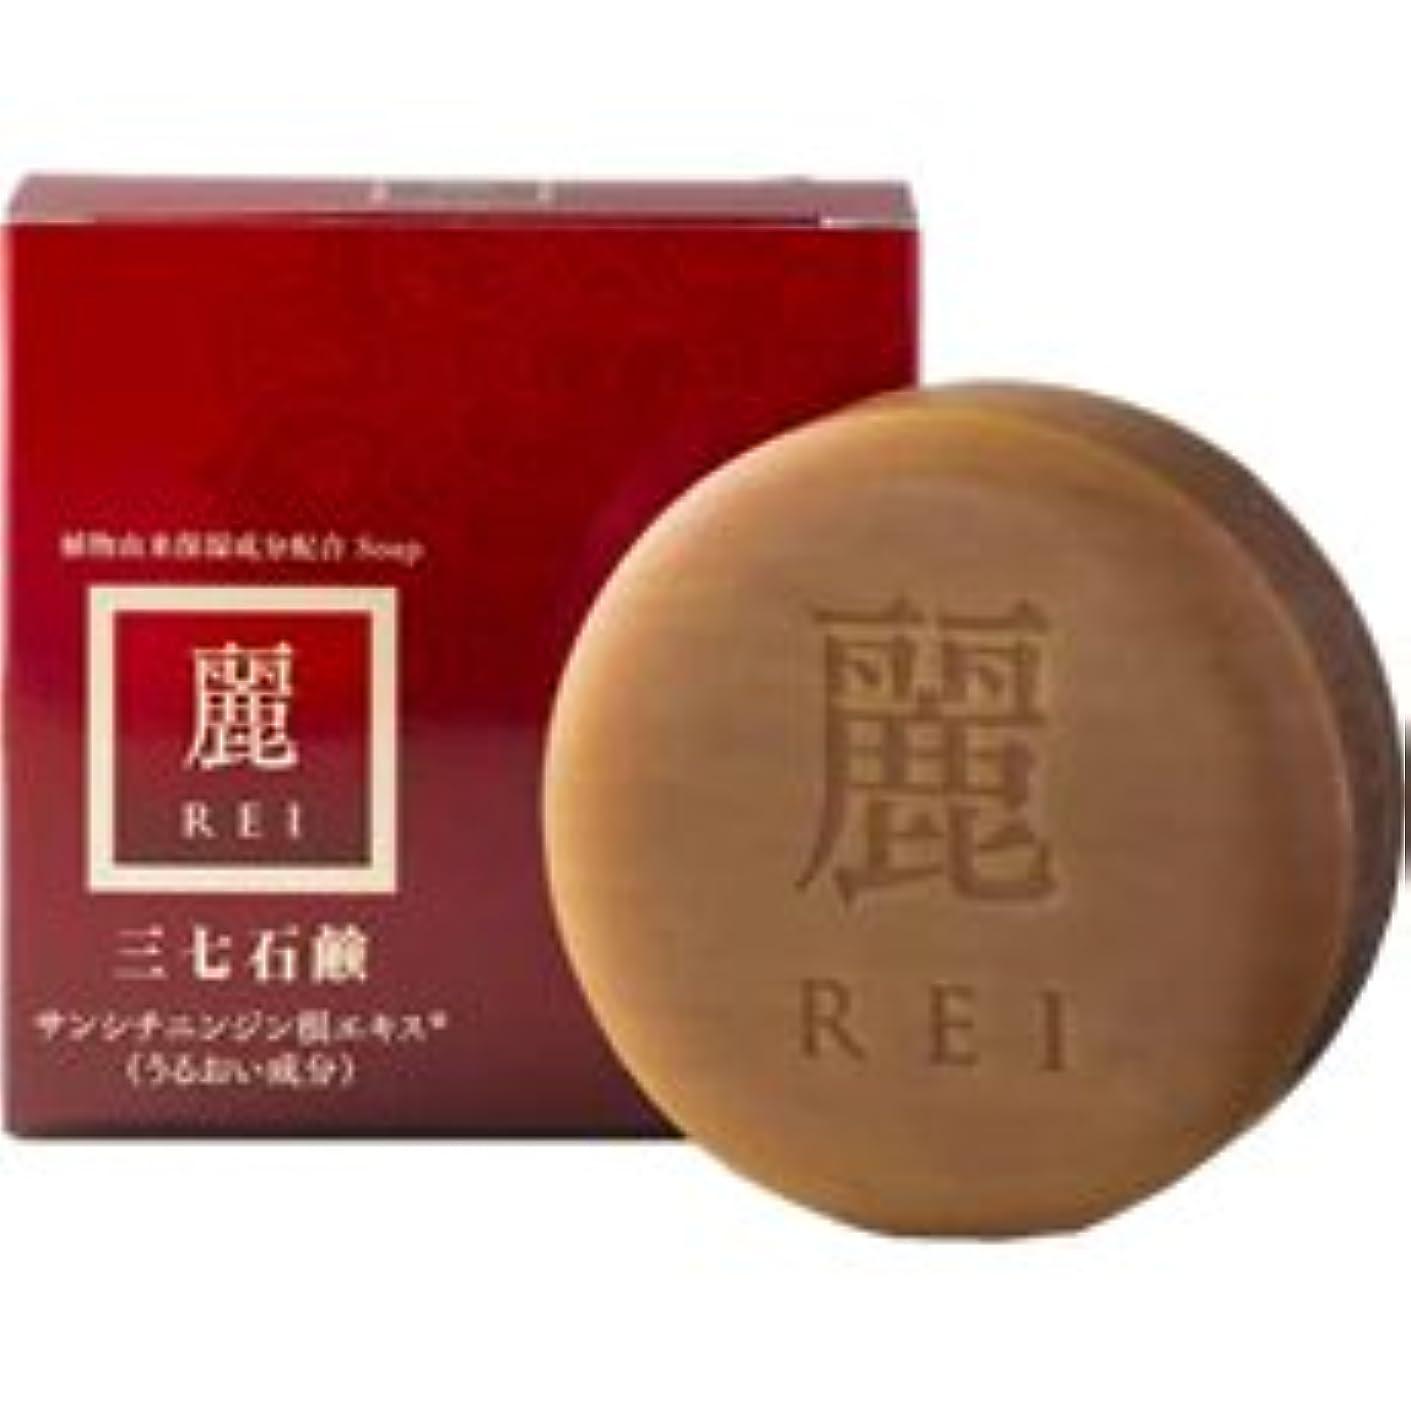 三七石鹸 麗(れい) 100g